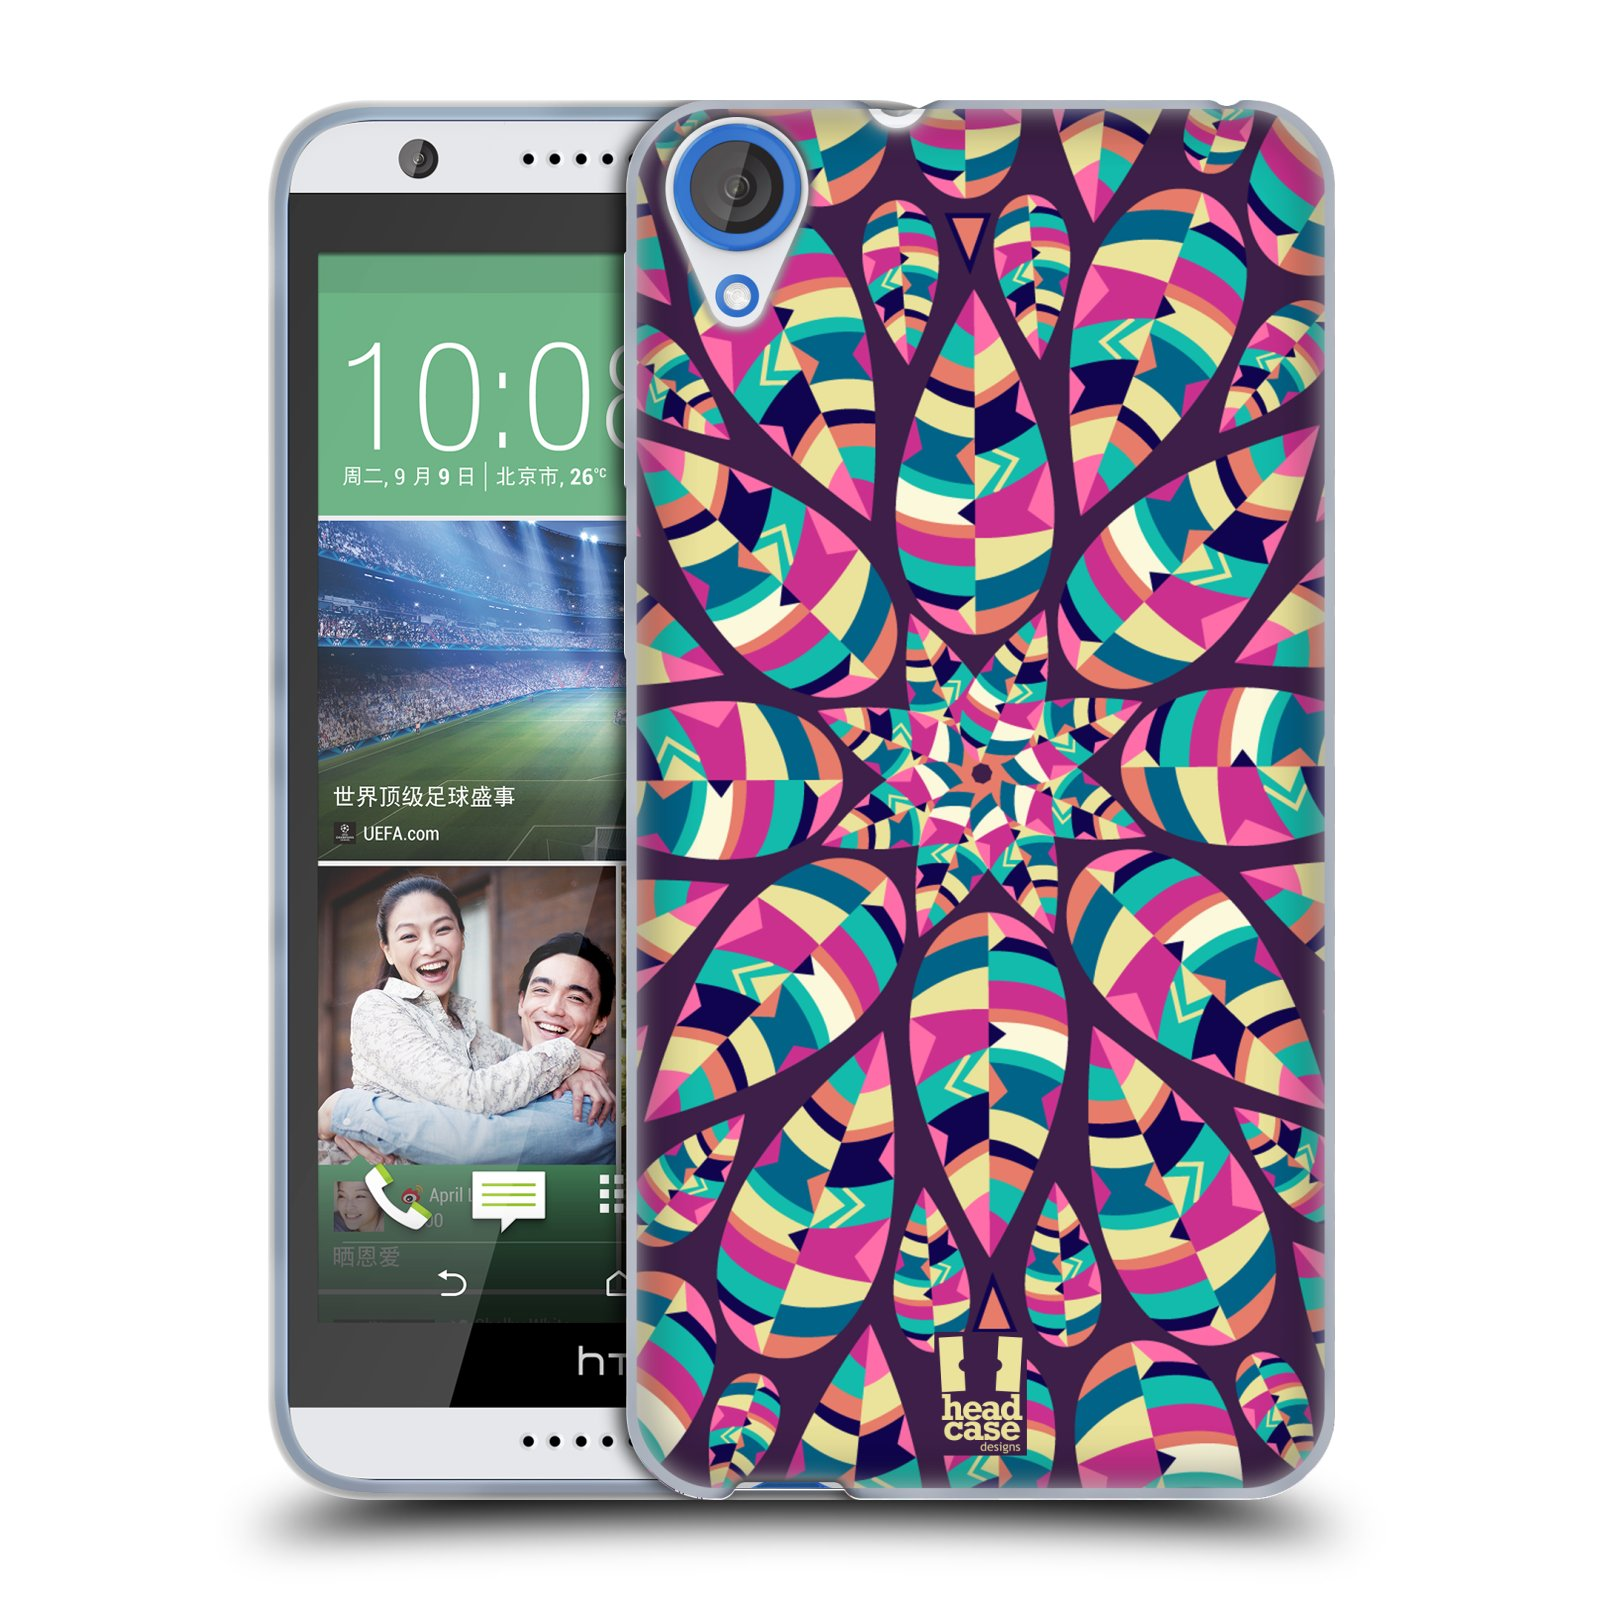 Silikonové pouzdro na mobil HTC Desire 820 HEAD CASE Shine (Silikonový kryt či obal na mobilní telefon HTC Desire 820)